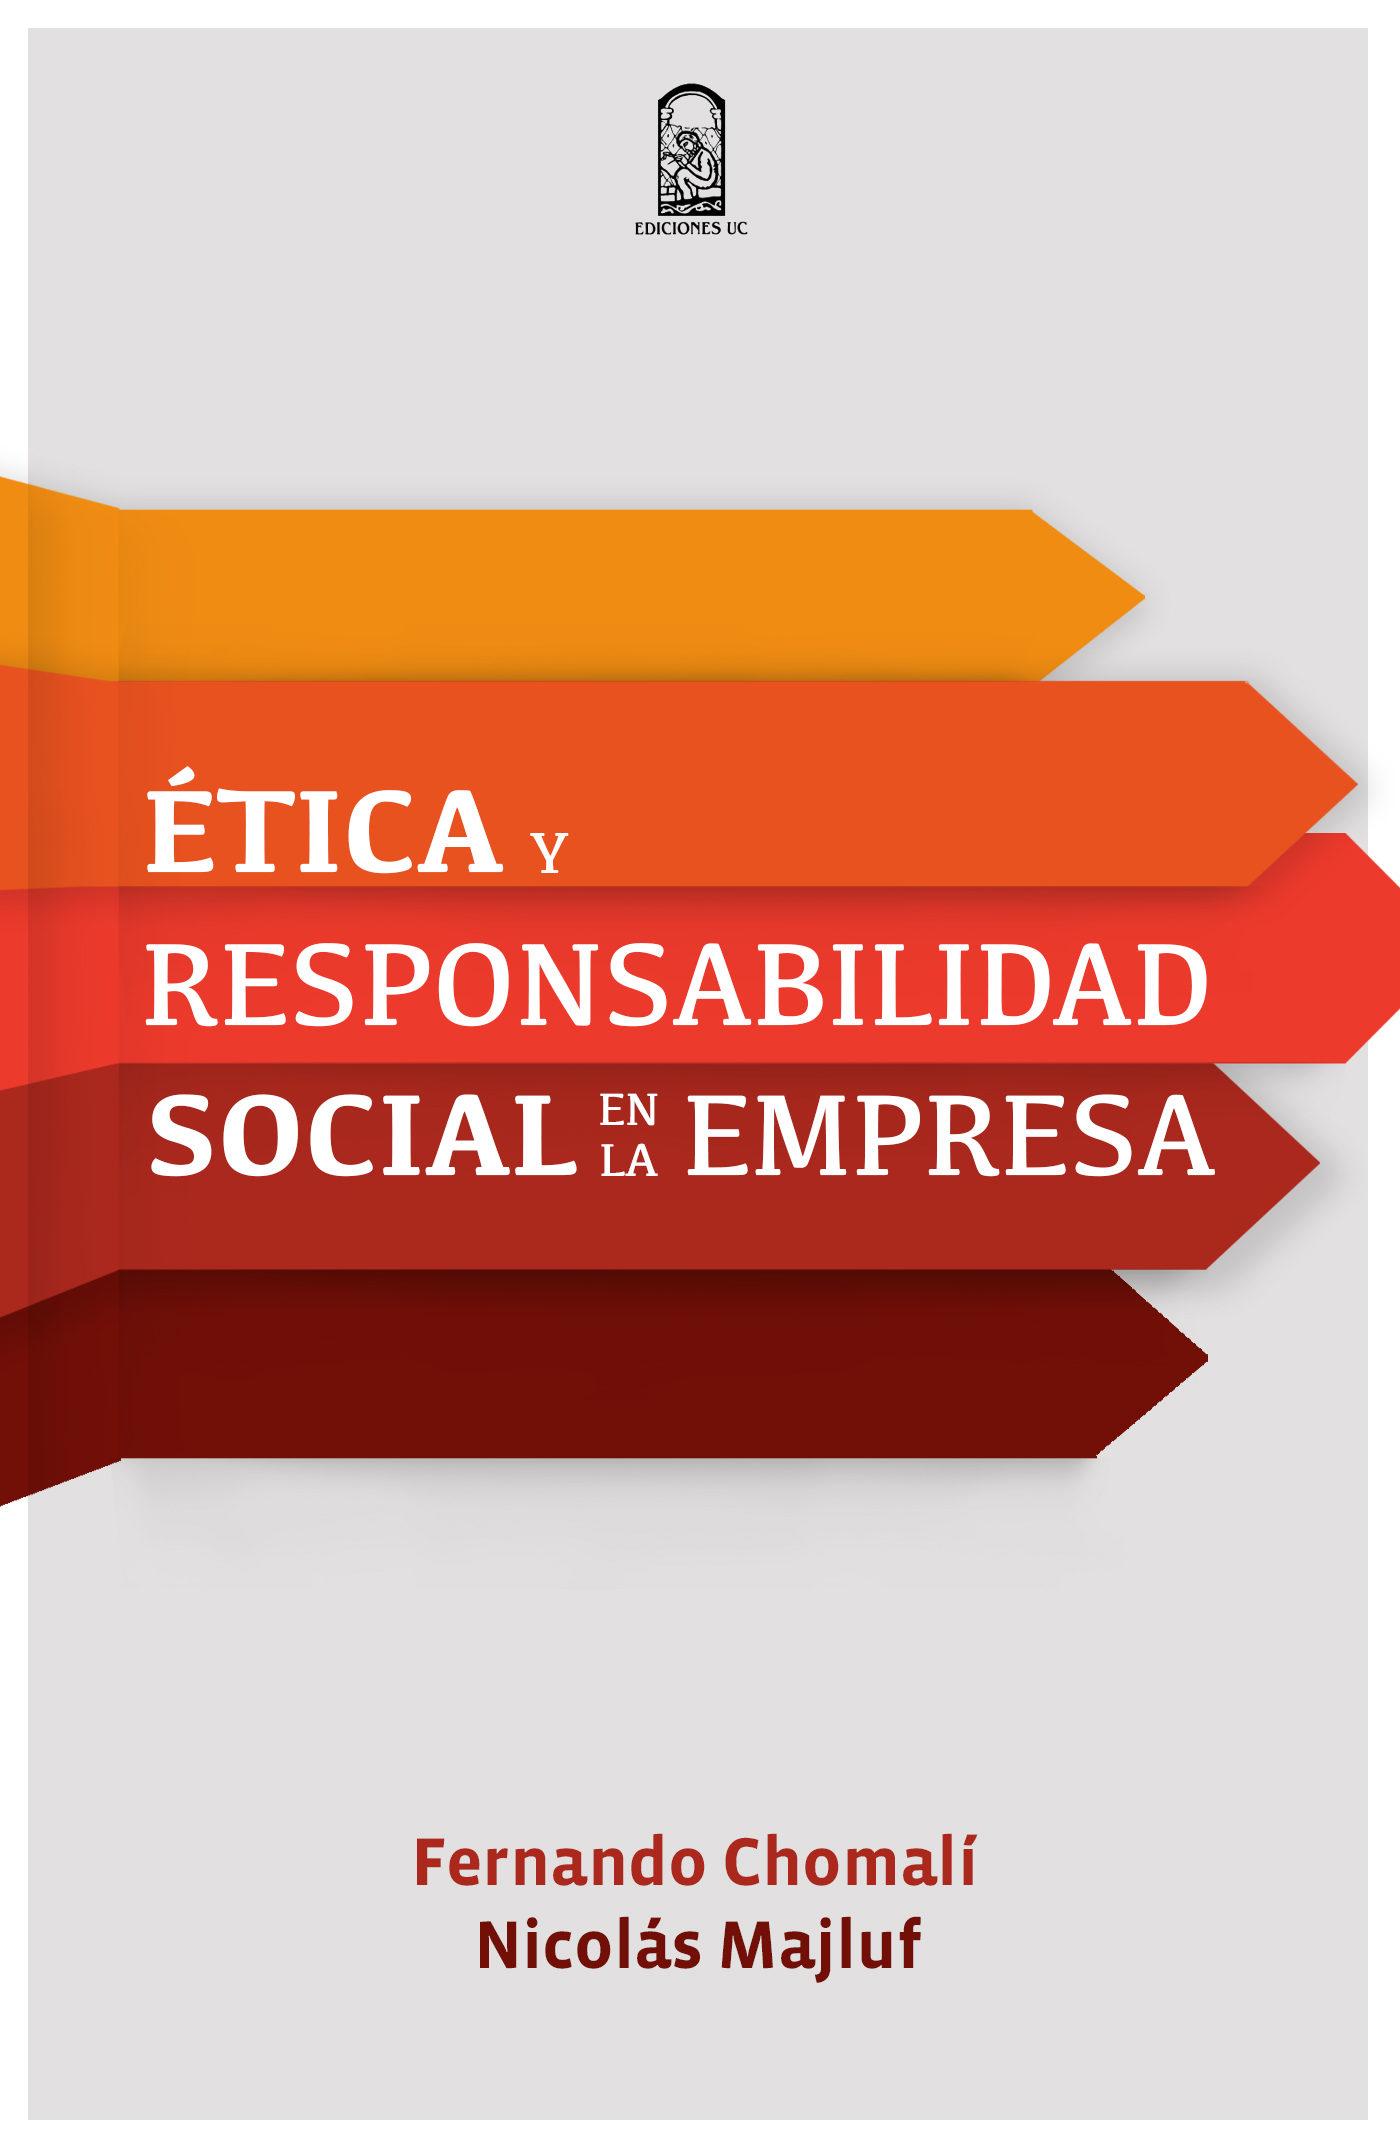 ÉTICA Y RESPONSABILIDAD SOCIAL EN LA EMPRESA EBOOK | MONS ...